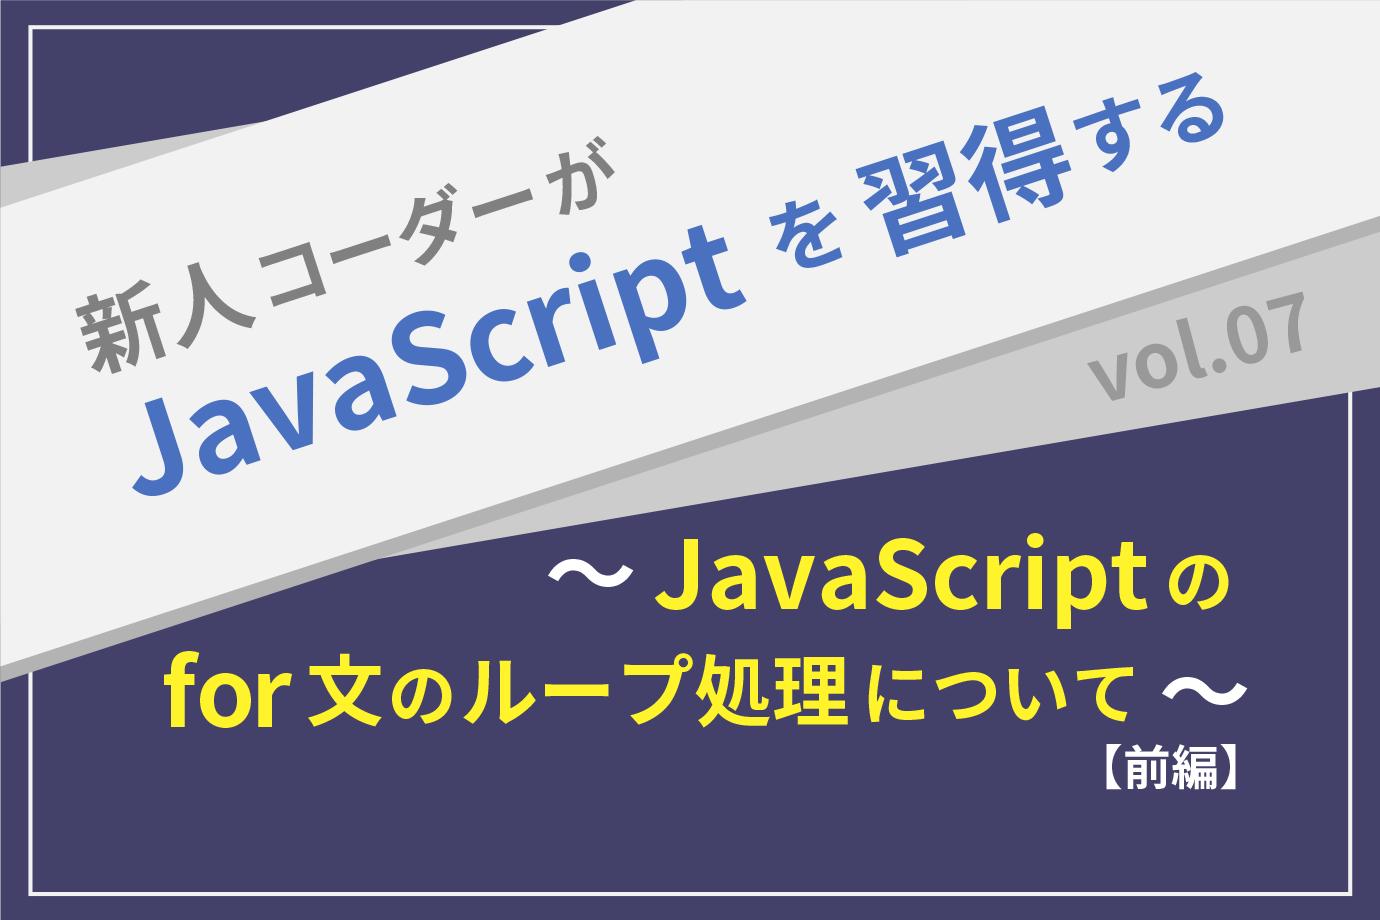 【新人コーダーがJavaScriptを習得する】vol.07 〜JavaScriptのfor文のループ処理について〜 【前編】